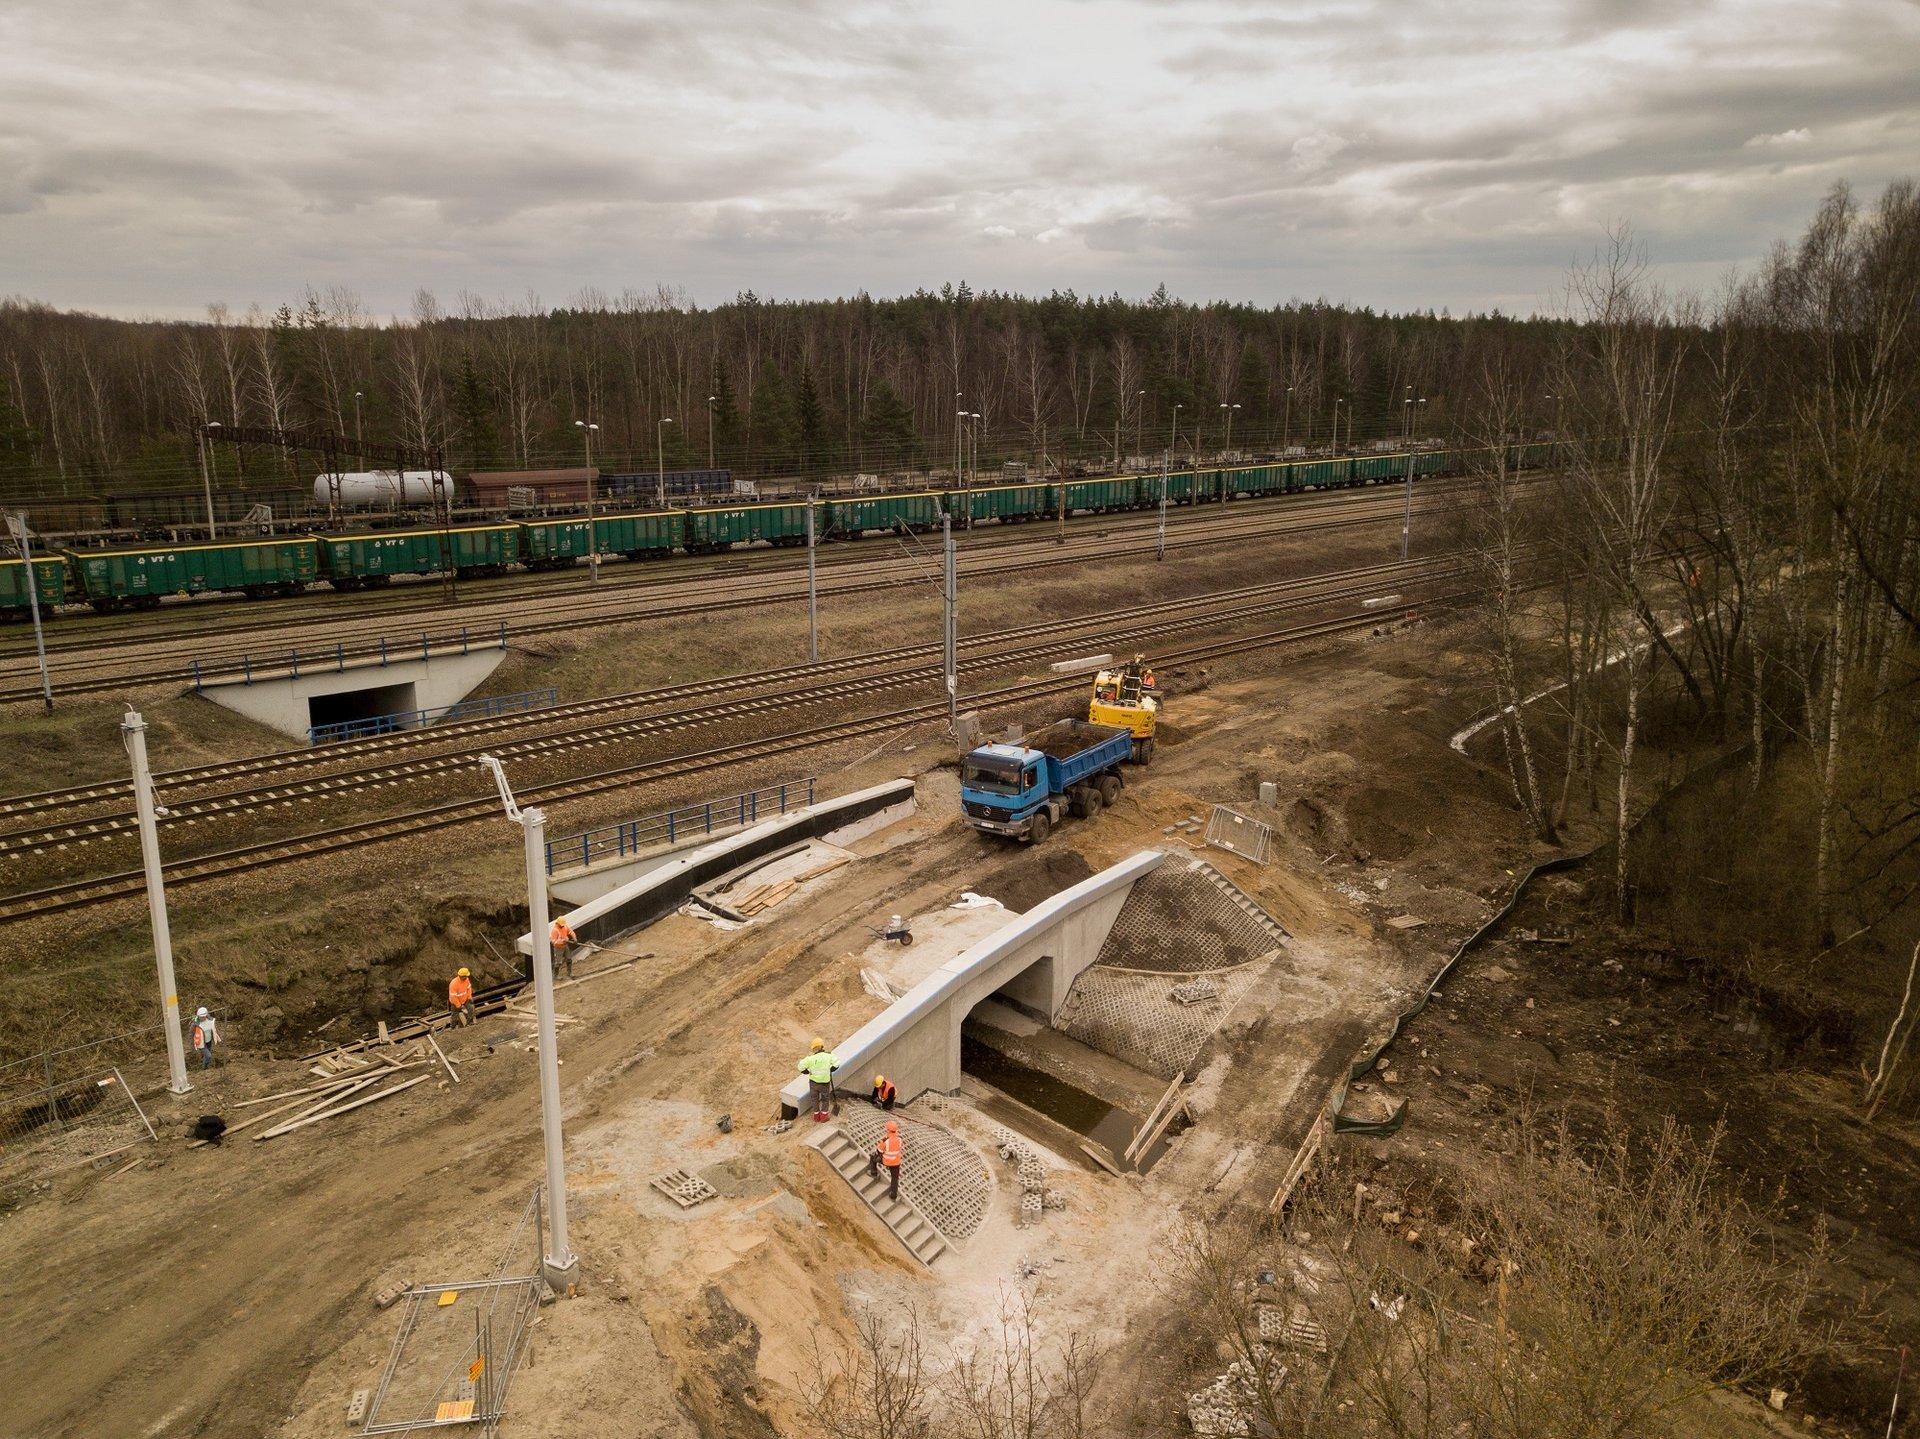 Odbudowa trasy kolejowej pozwoli pociągom dotrzeć do Pyrzowic